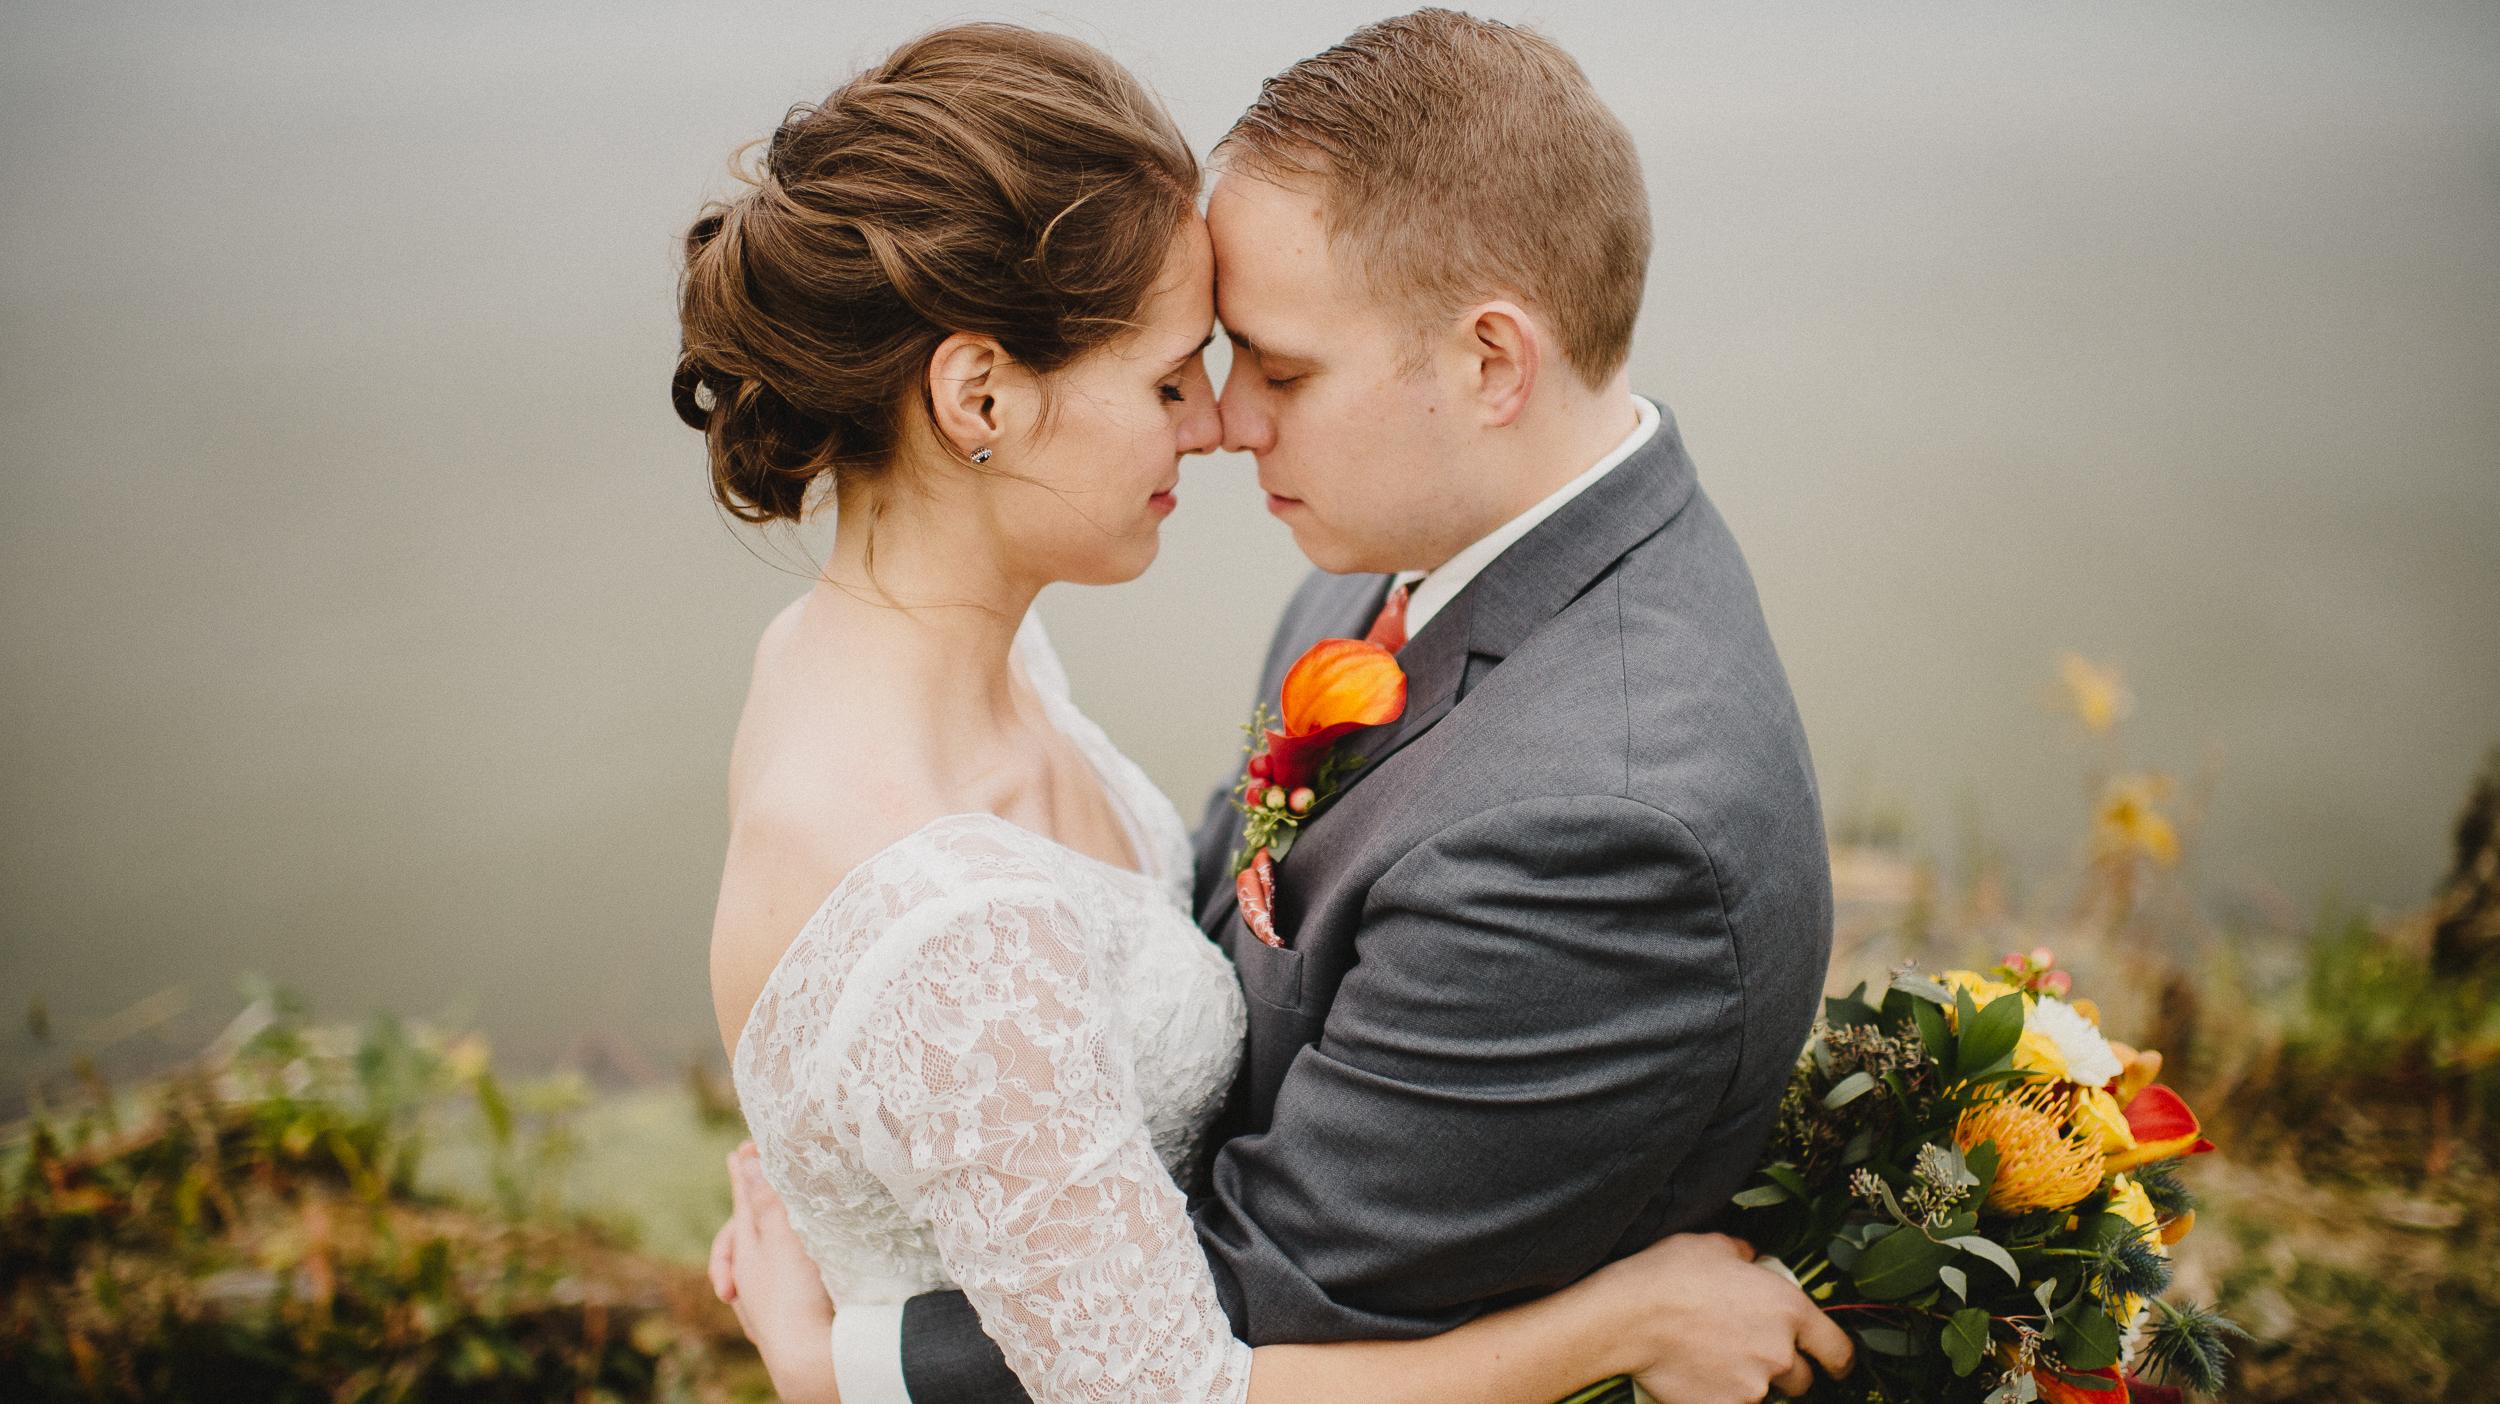 thousand-acre-farm-wedding-photographer-52.jpg